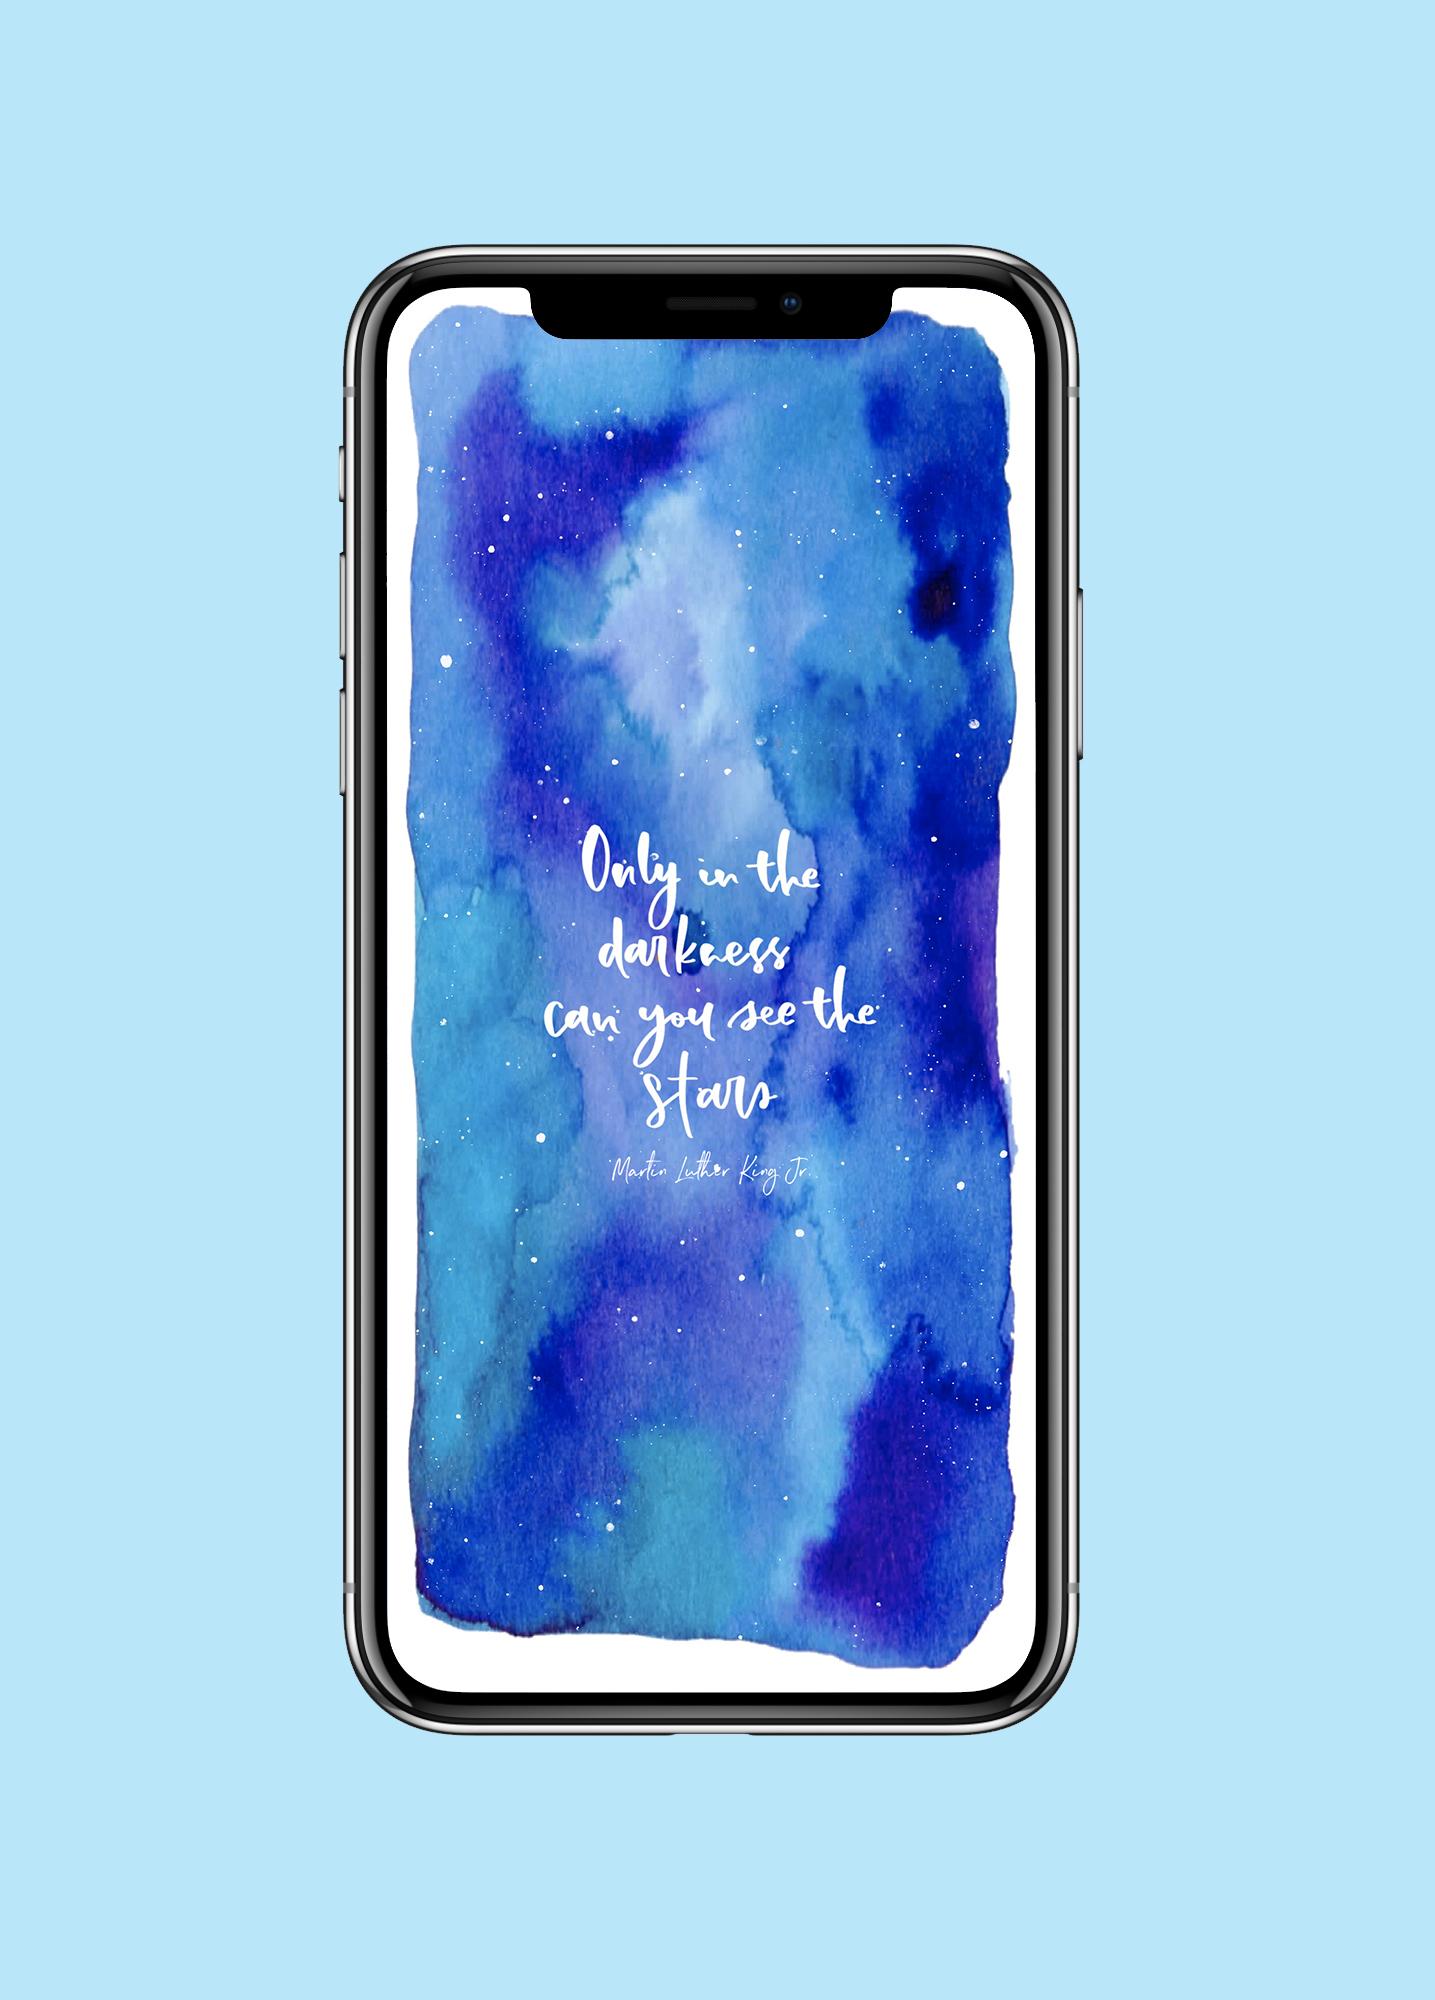 iPhone壁紙:2019年6月